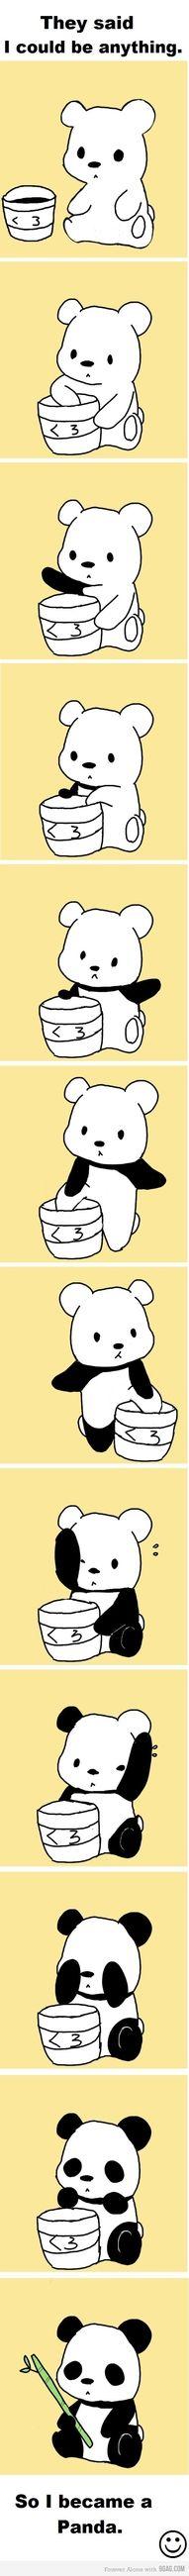 So i became a Panda:D